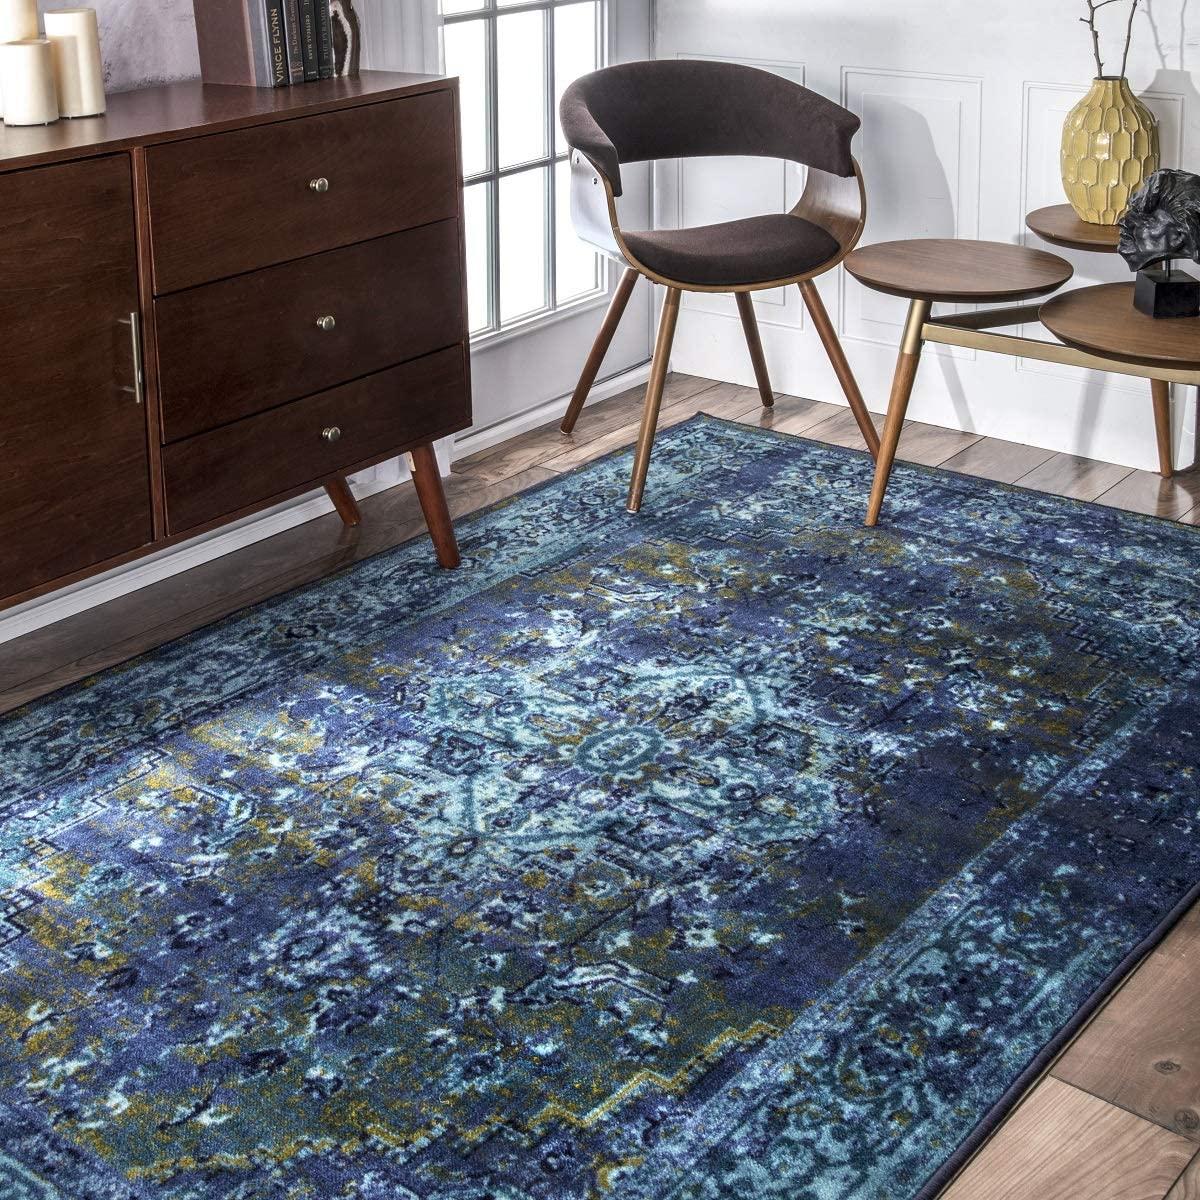 nuLOOM Reiko Vintage Persian Area Rug, 5 x 8, Blue